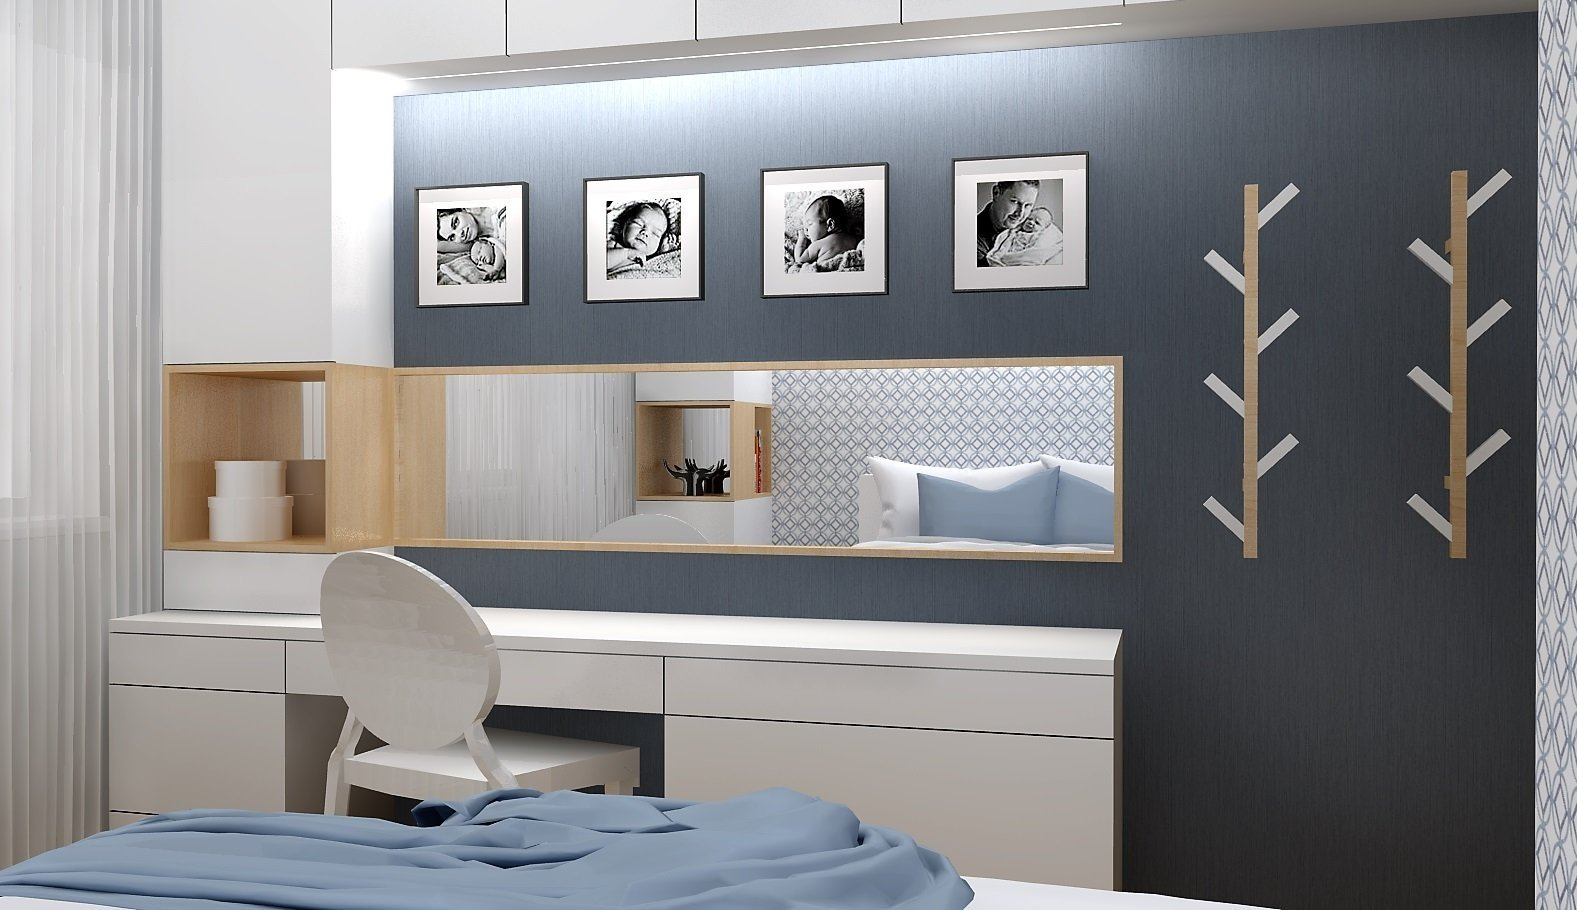 Odstíny modré v kombinaci s bílým laminem a světlým dřevodekorem vytváří příjemné prostředí pro odpočinek. V nejmenší místnosti bytu vznikl návrh plnohodnotné…